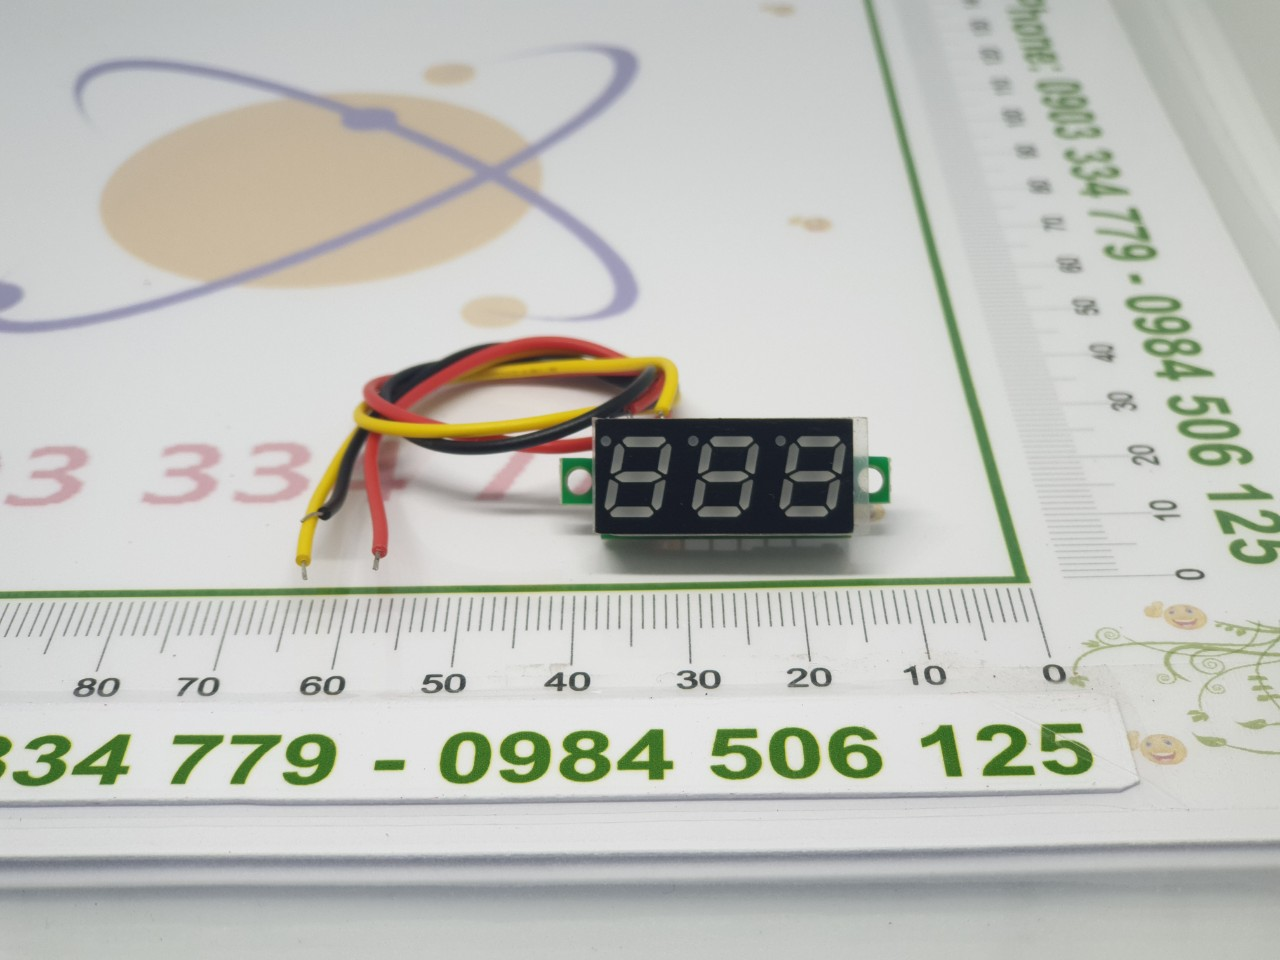 Mạch đo Vôn 0-100V DC mini 3 dây - vàng